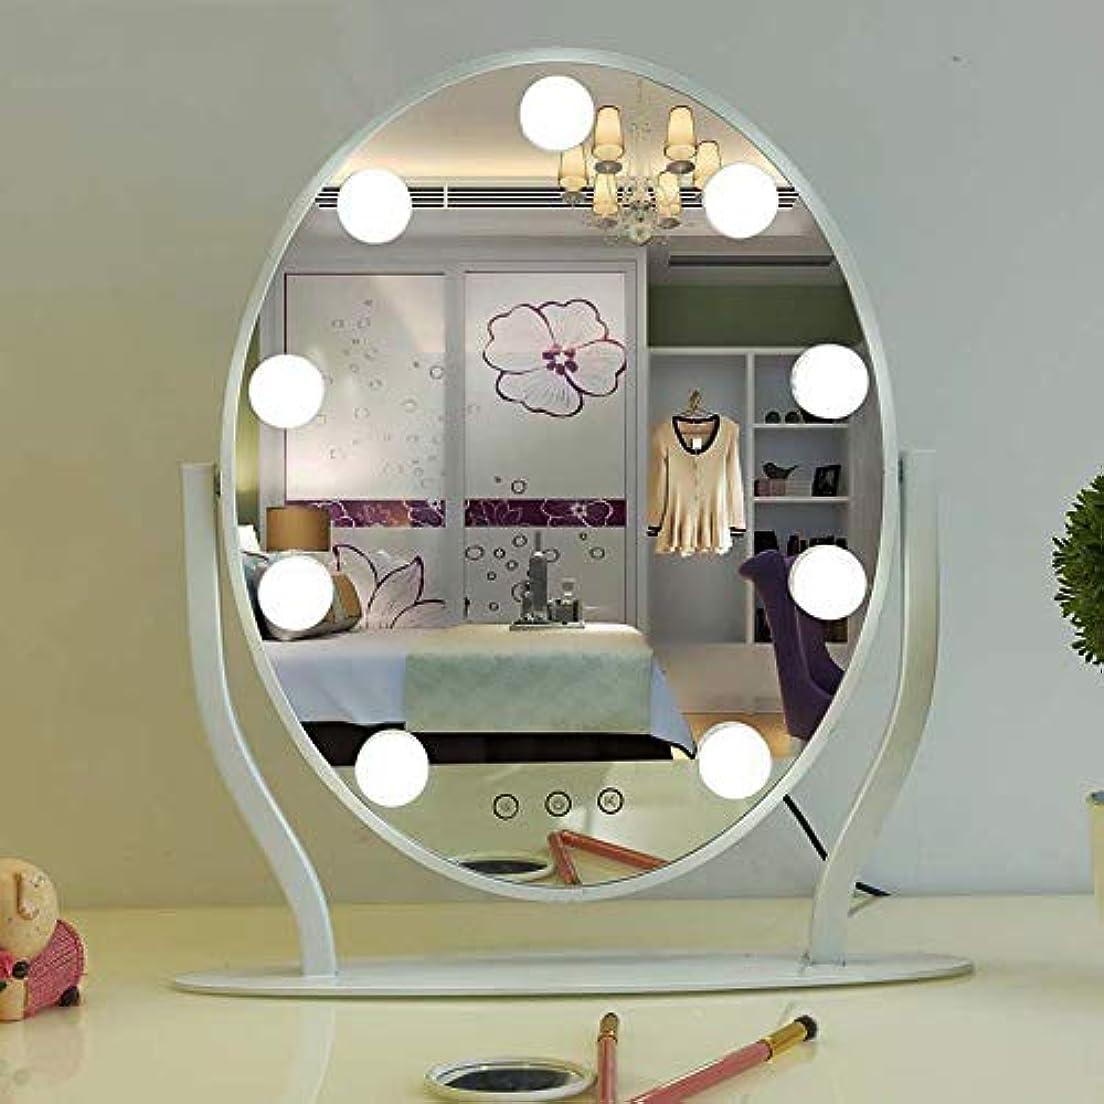 他に適格消化明るいLED化粧鏡 ライトアップ 大型ドレッサーミラー メタルフレーム 調整可能3光源 、センサースイッチ シェービングミラー 寝室 さんギフト